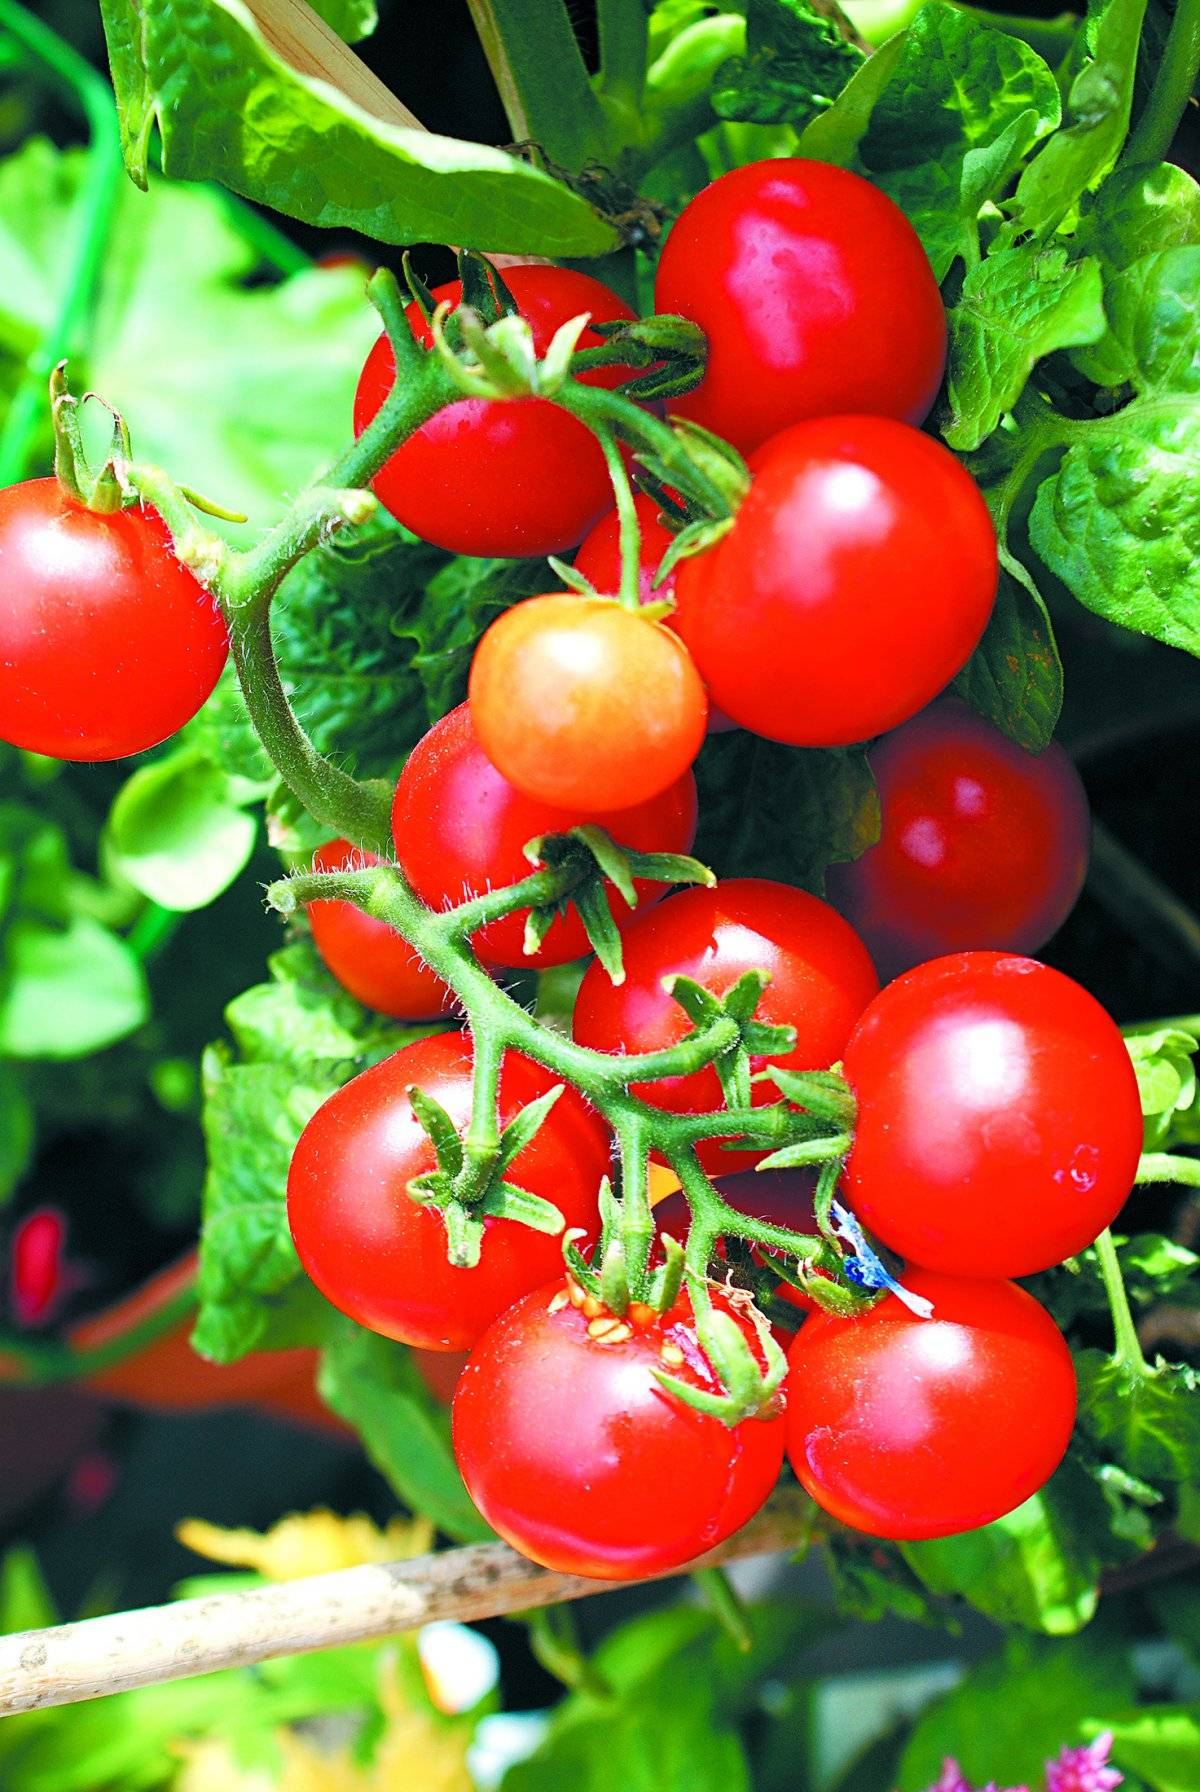 Tomate-cereja: São plantas que podem ser cultivadas em vasos de tamanho reduzido. Em pouco mais de um mês, já dão frutos, que podem ser usados em saladas ou para fazer molhos para massas.